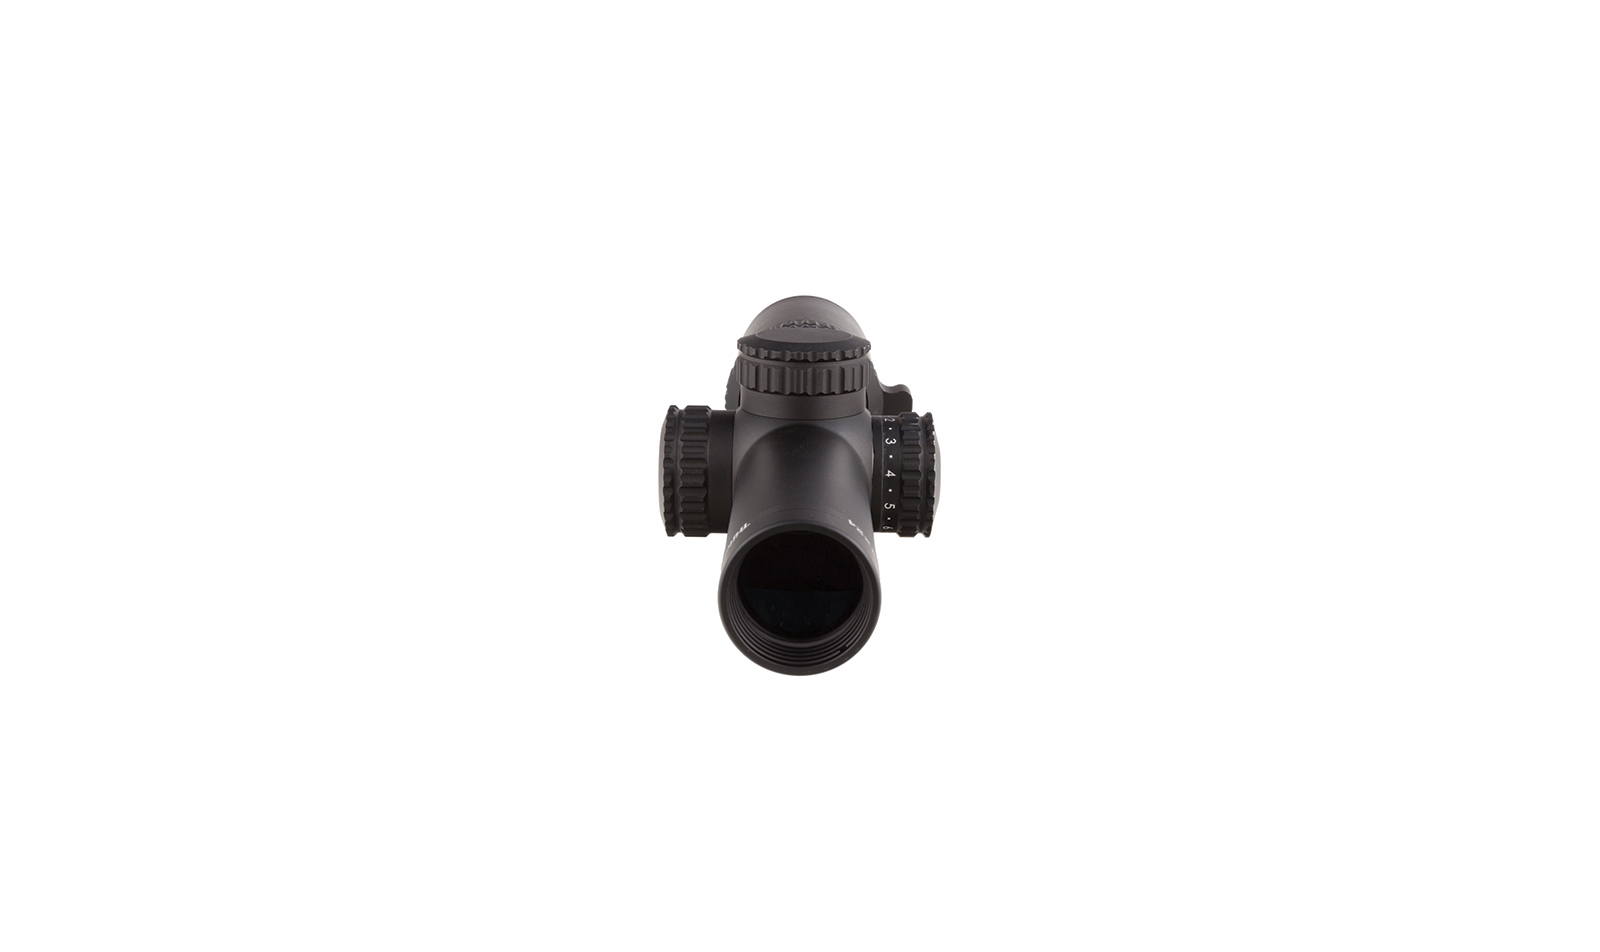 RS24-C-1900005 angle 8